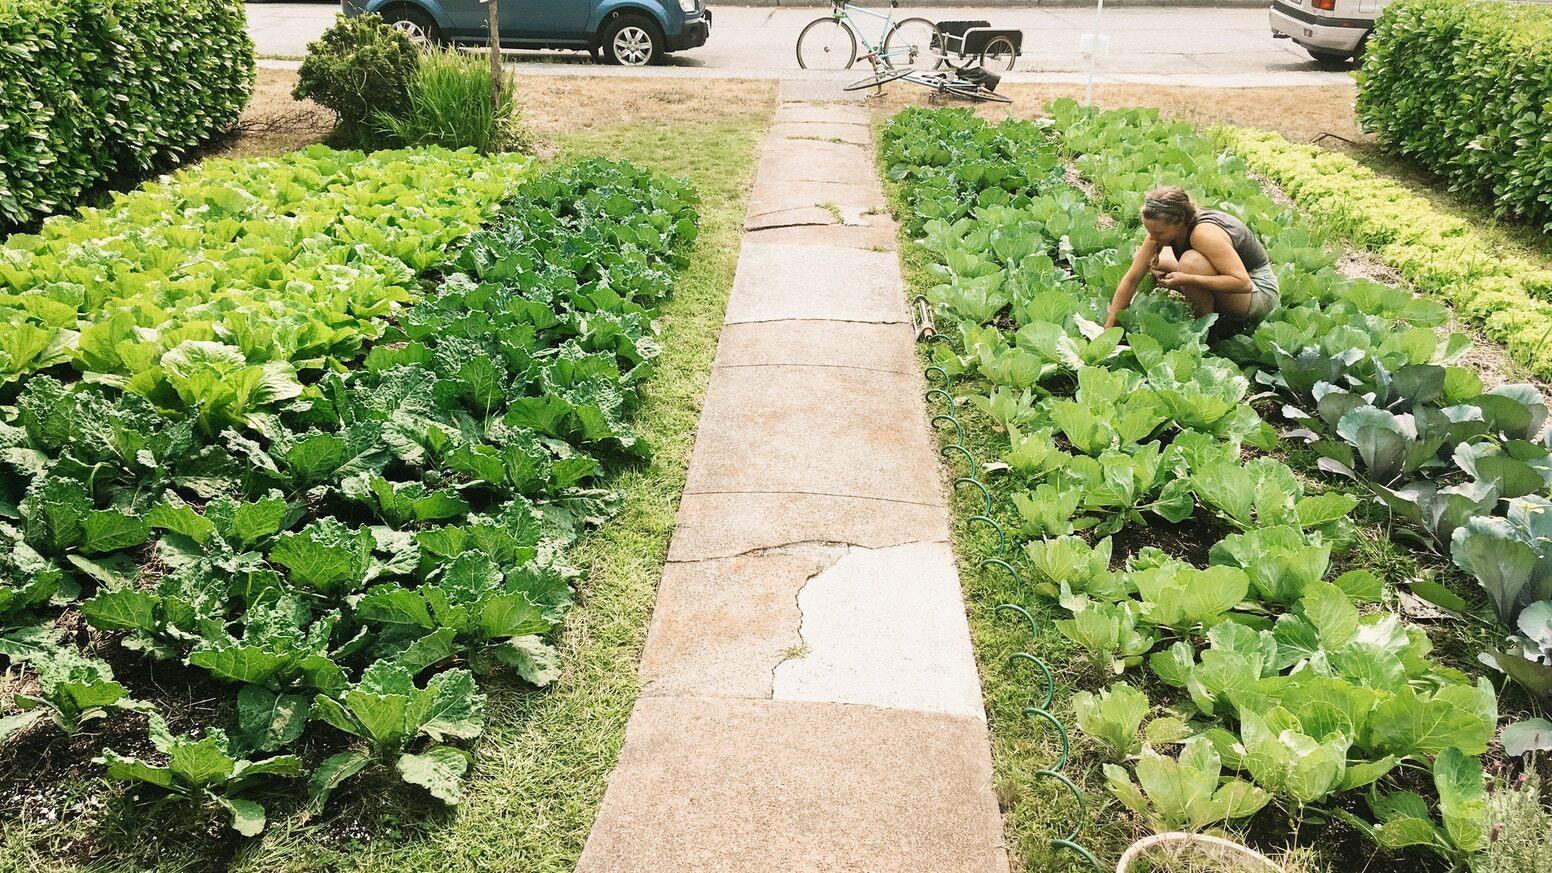 Spazier-Workshops für Nachbarschafts-Farming bzw. Quartier-Solawis, die auf mehreren in der Nachbarschaft verteilten Flächen Lebensmittel anbauen